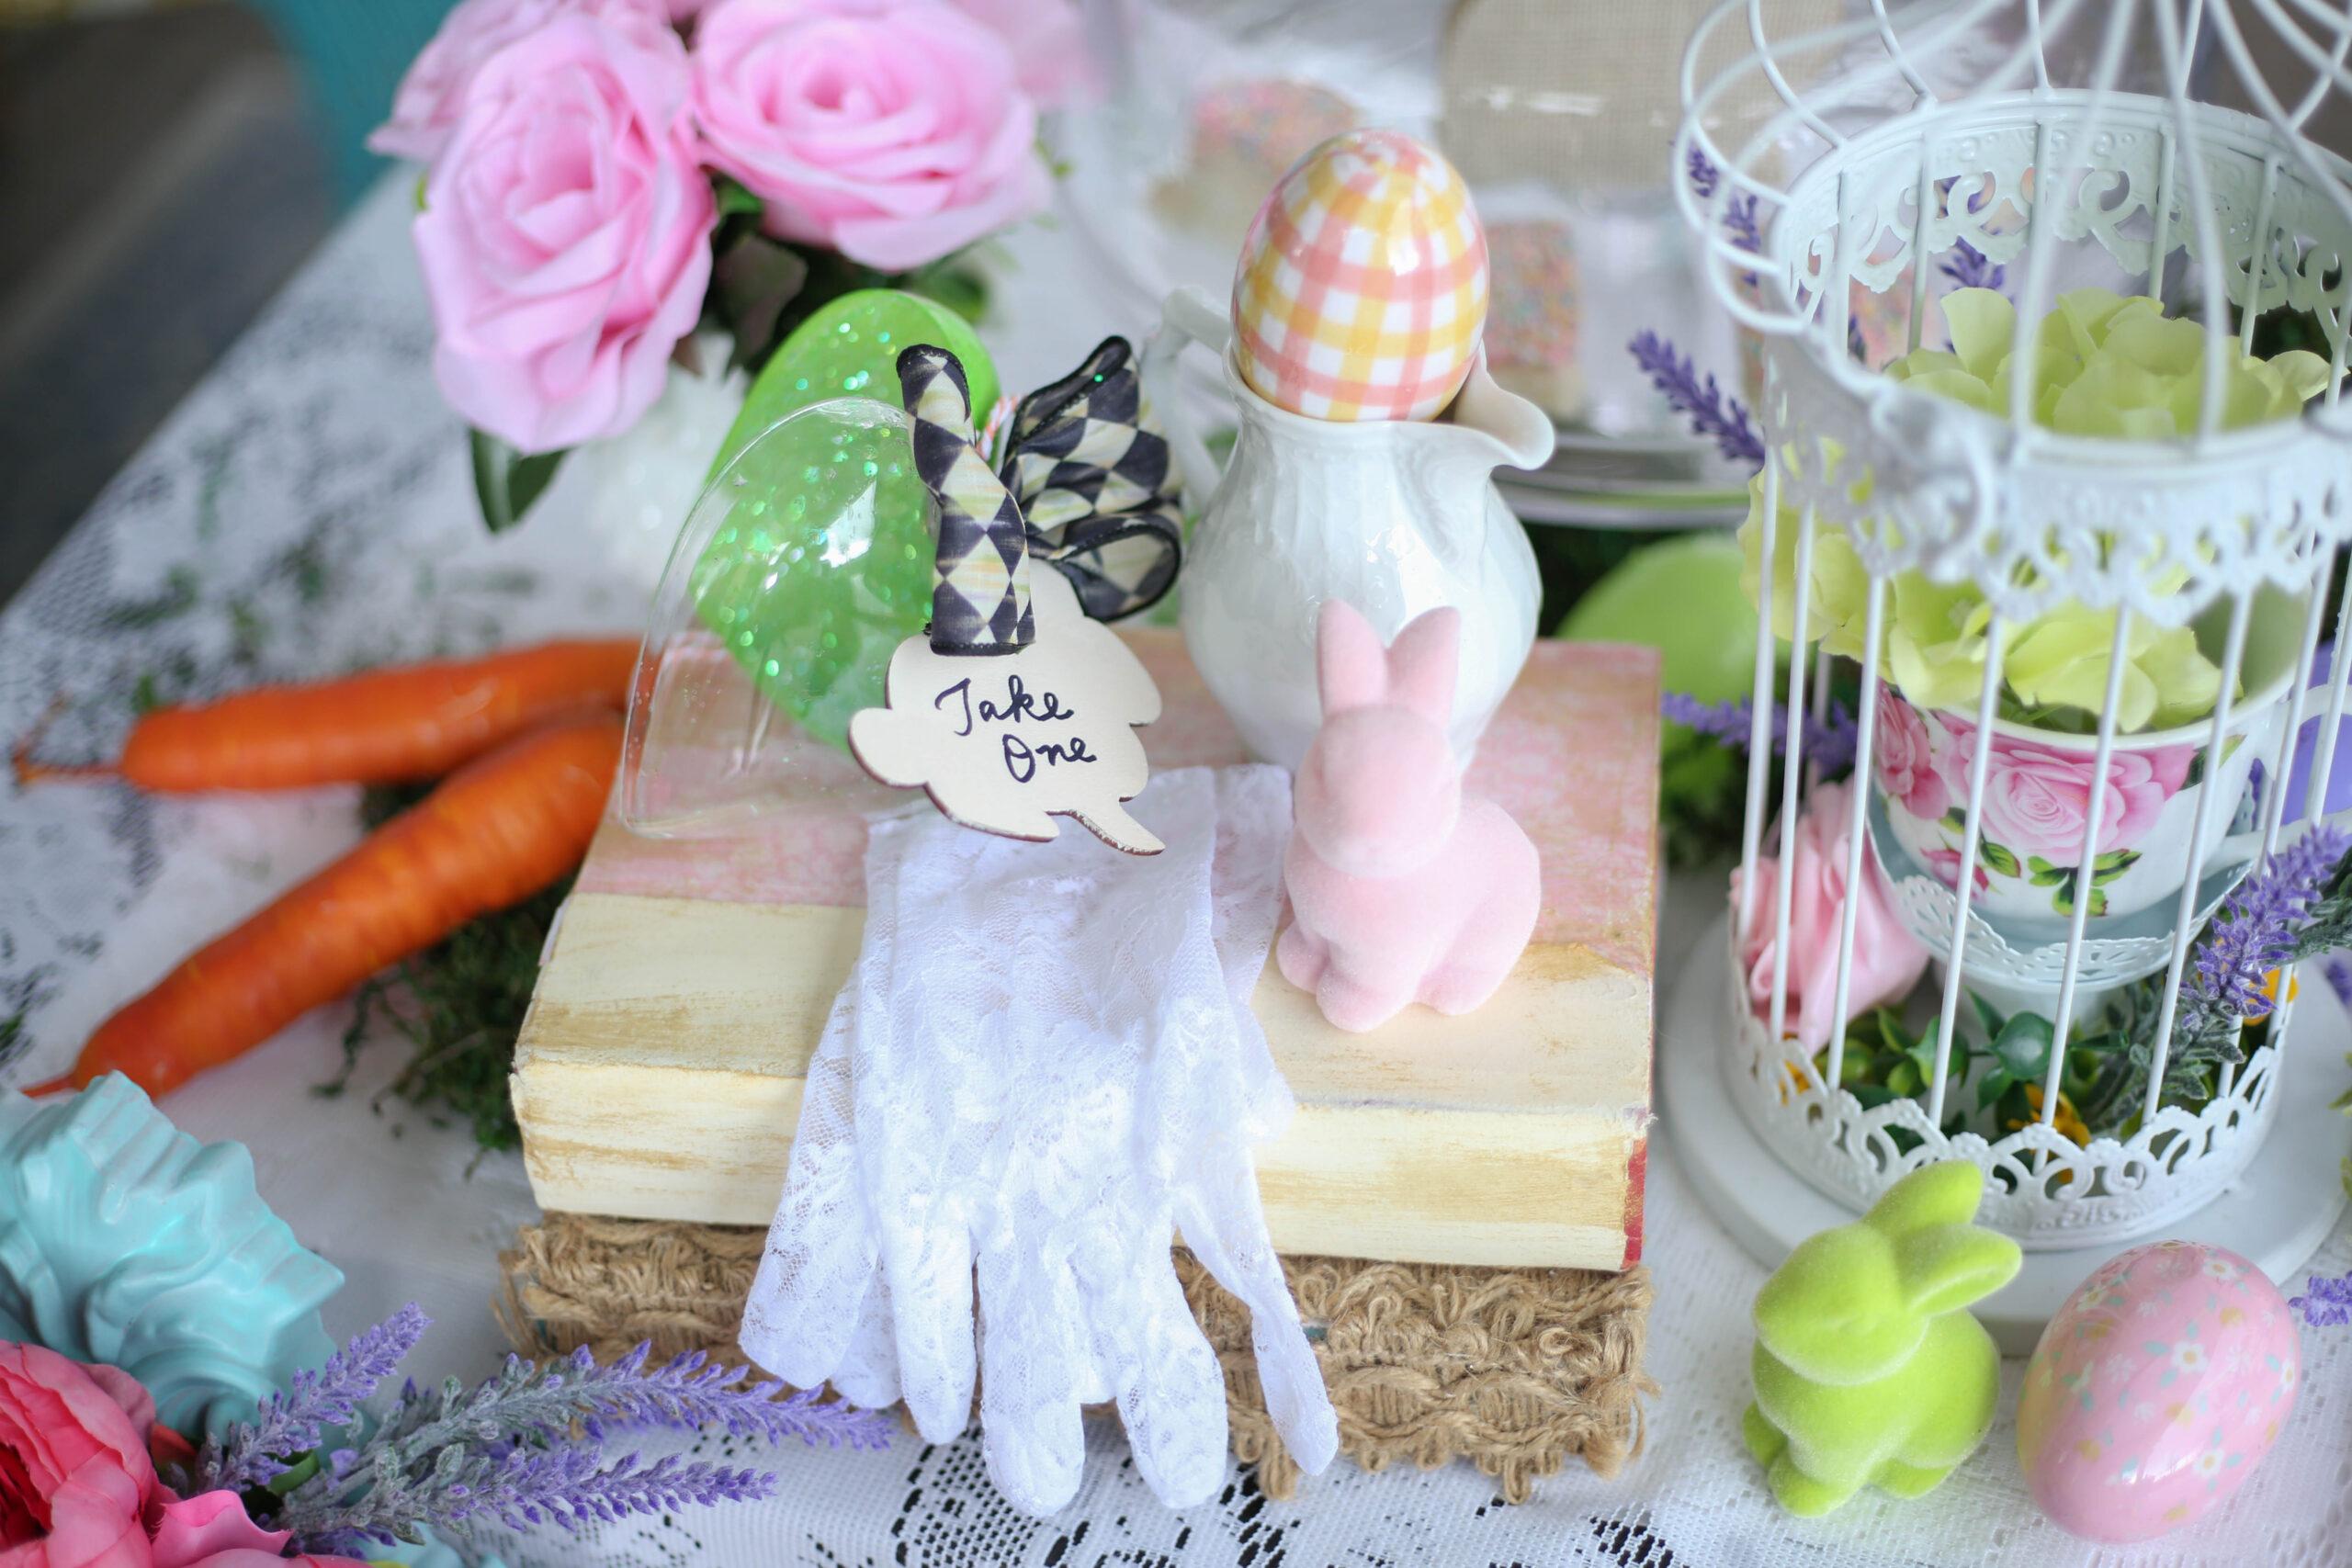 lace gloves as a tea party favor